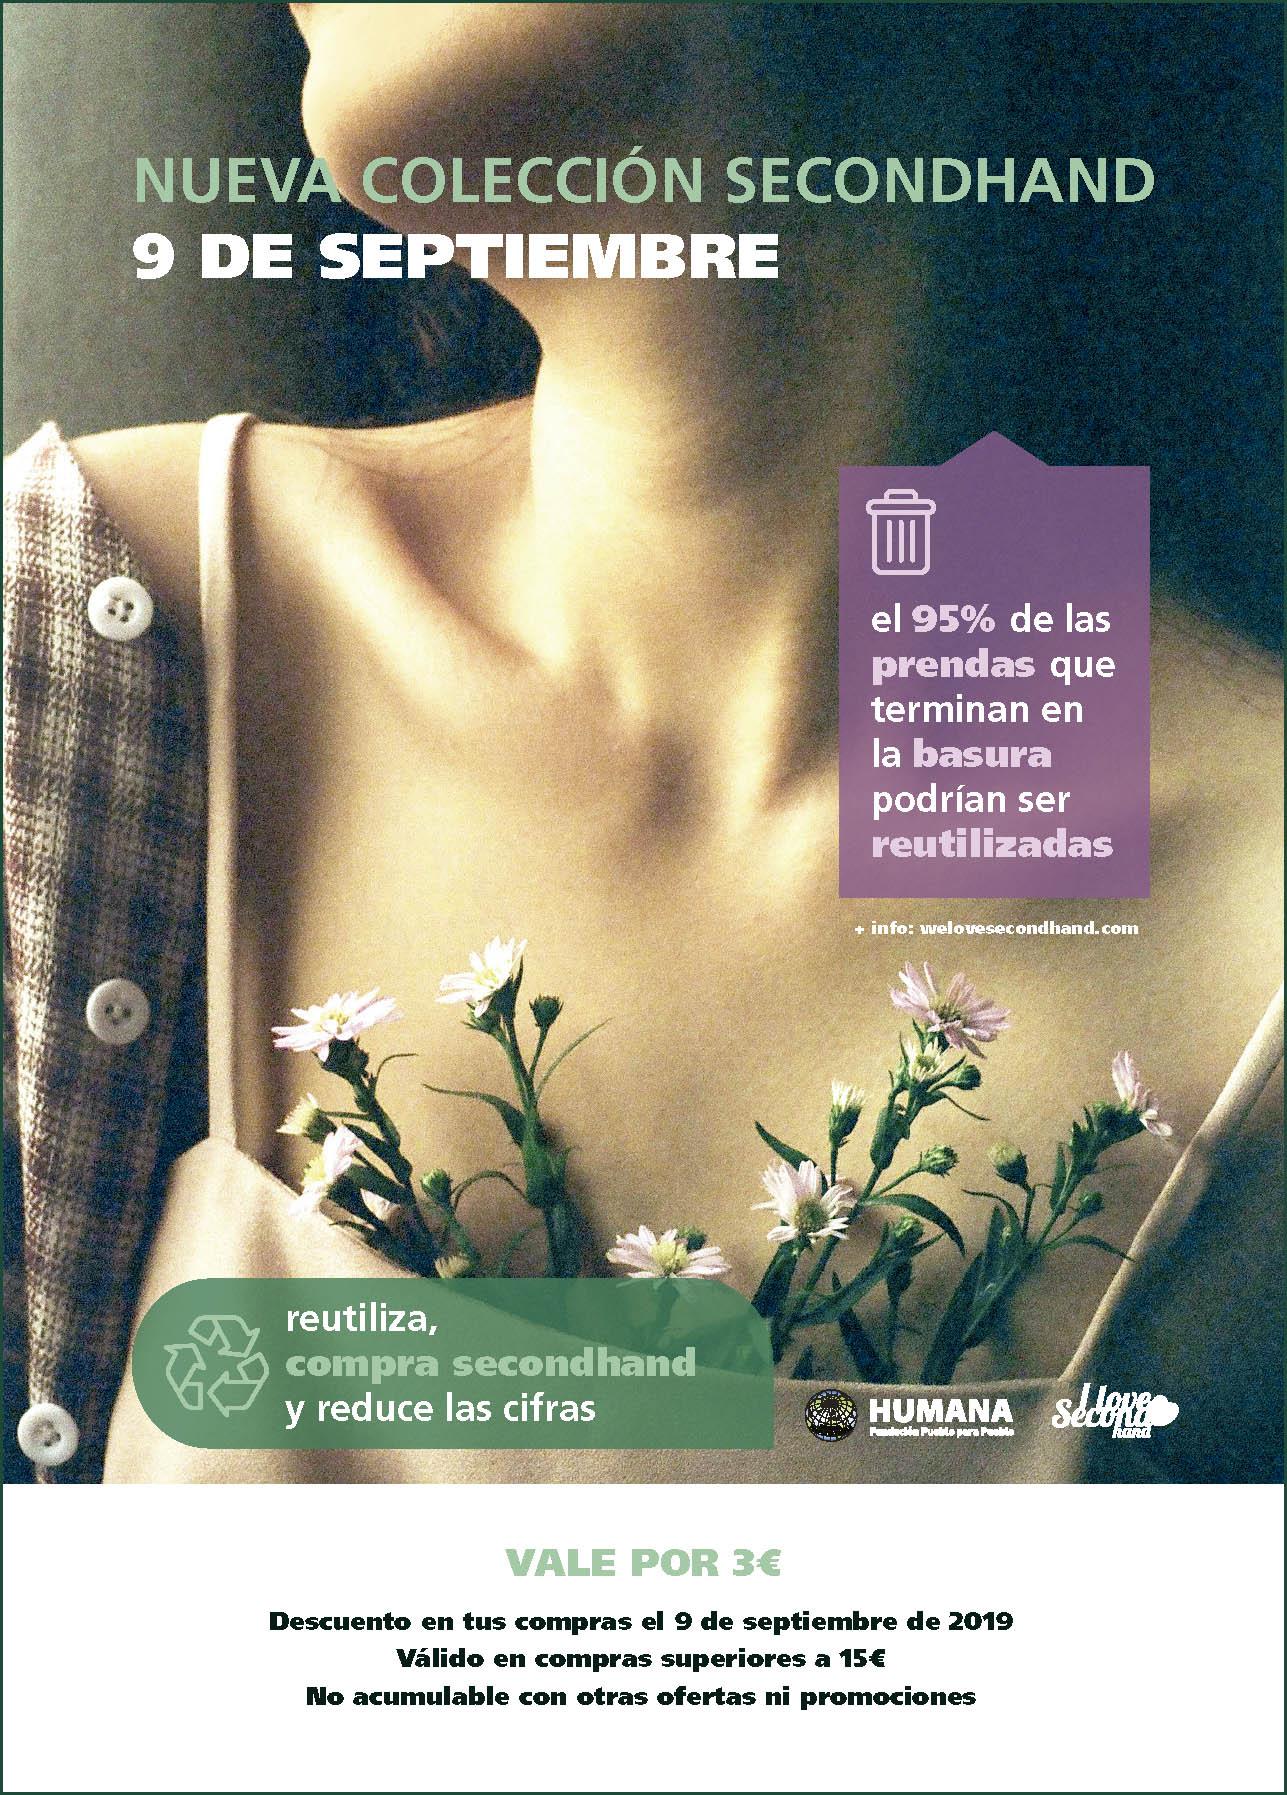 Humana_secondhand_Nueva_coleccion_septiembre_2019